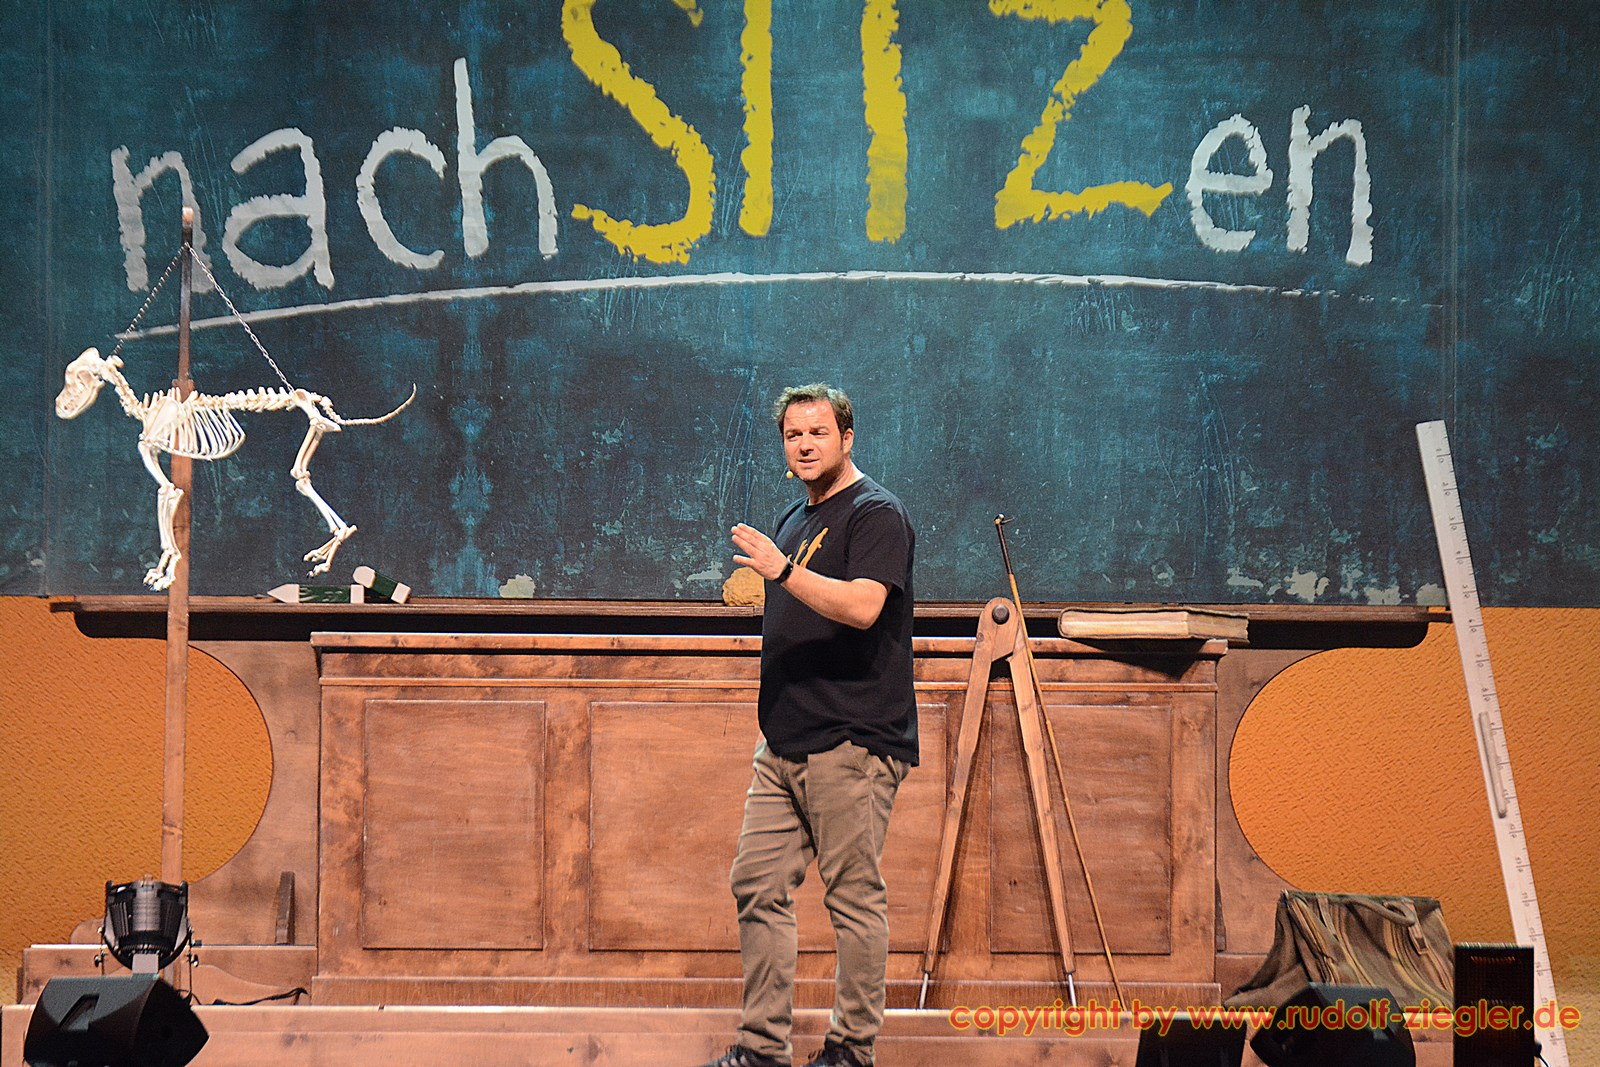 Martin Rütter - nachSITZen 050-S (1600x1200)